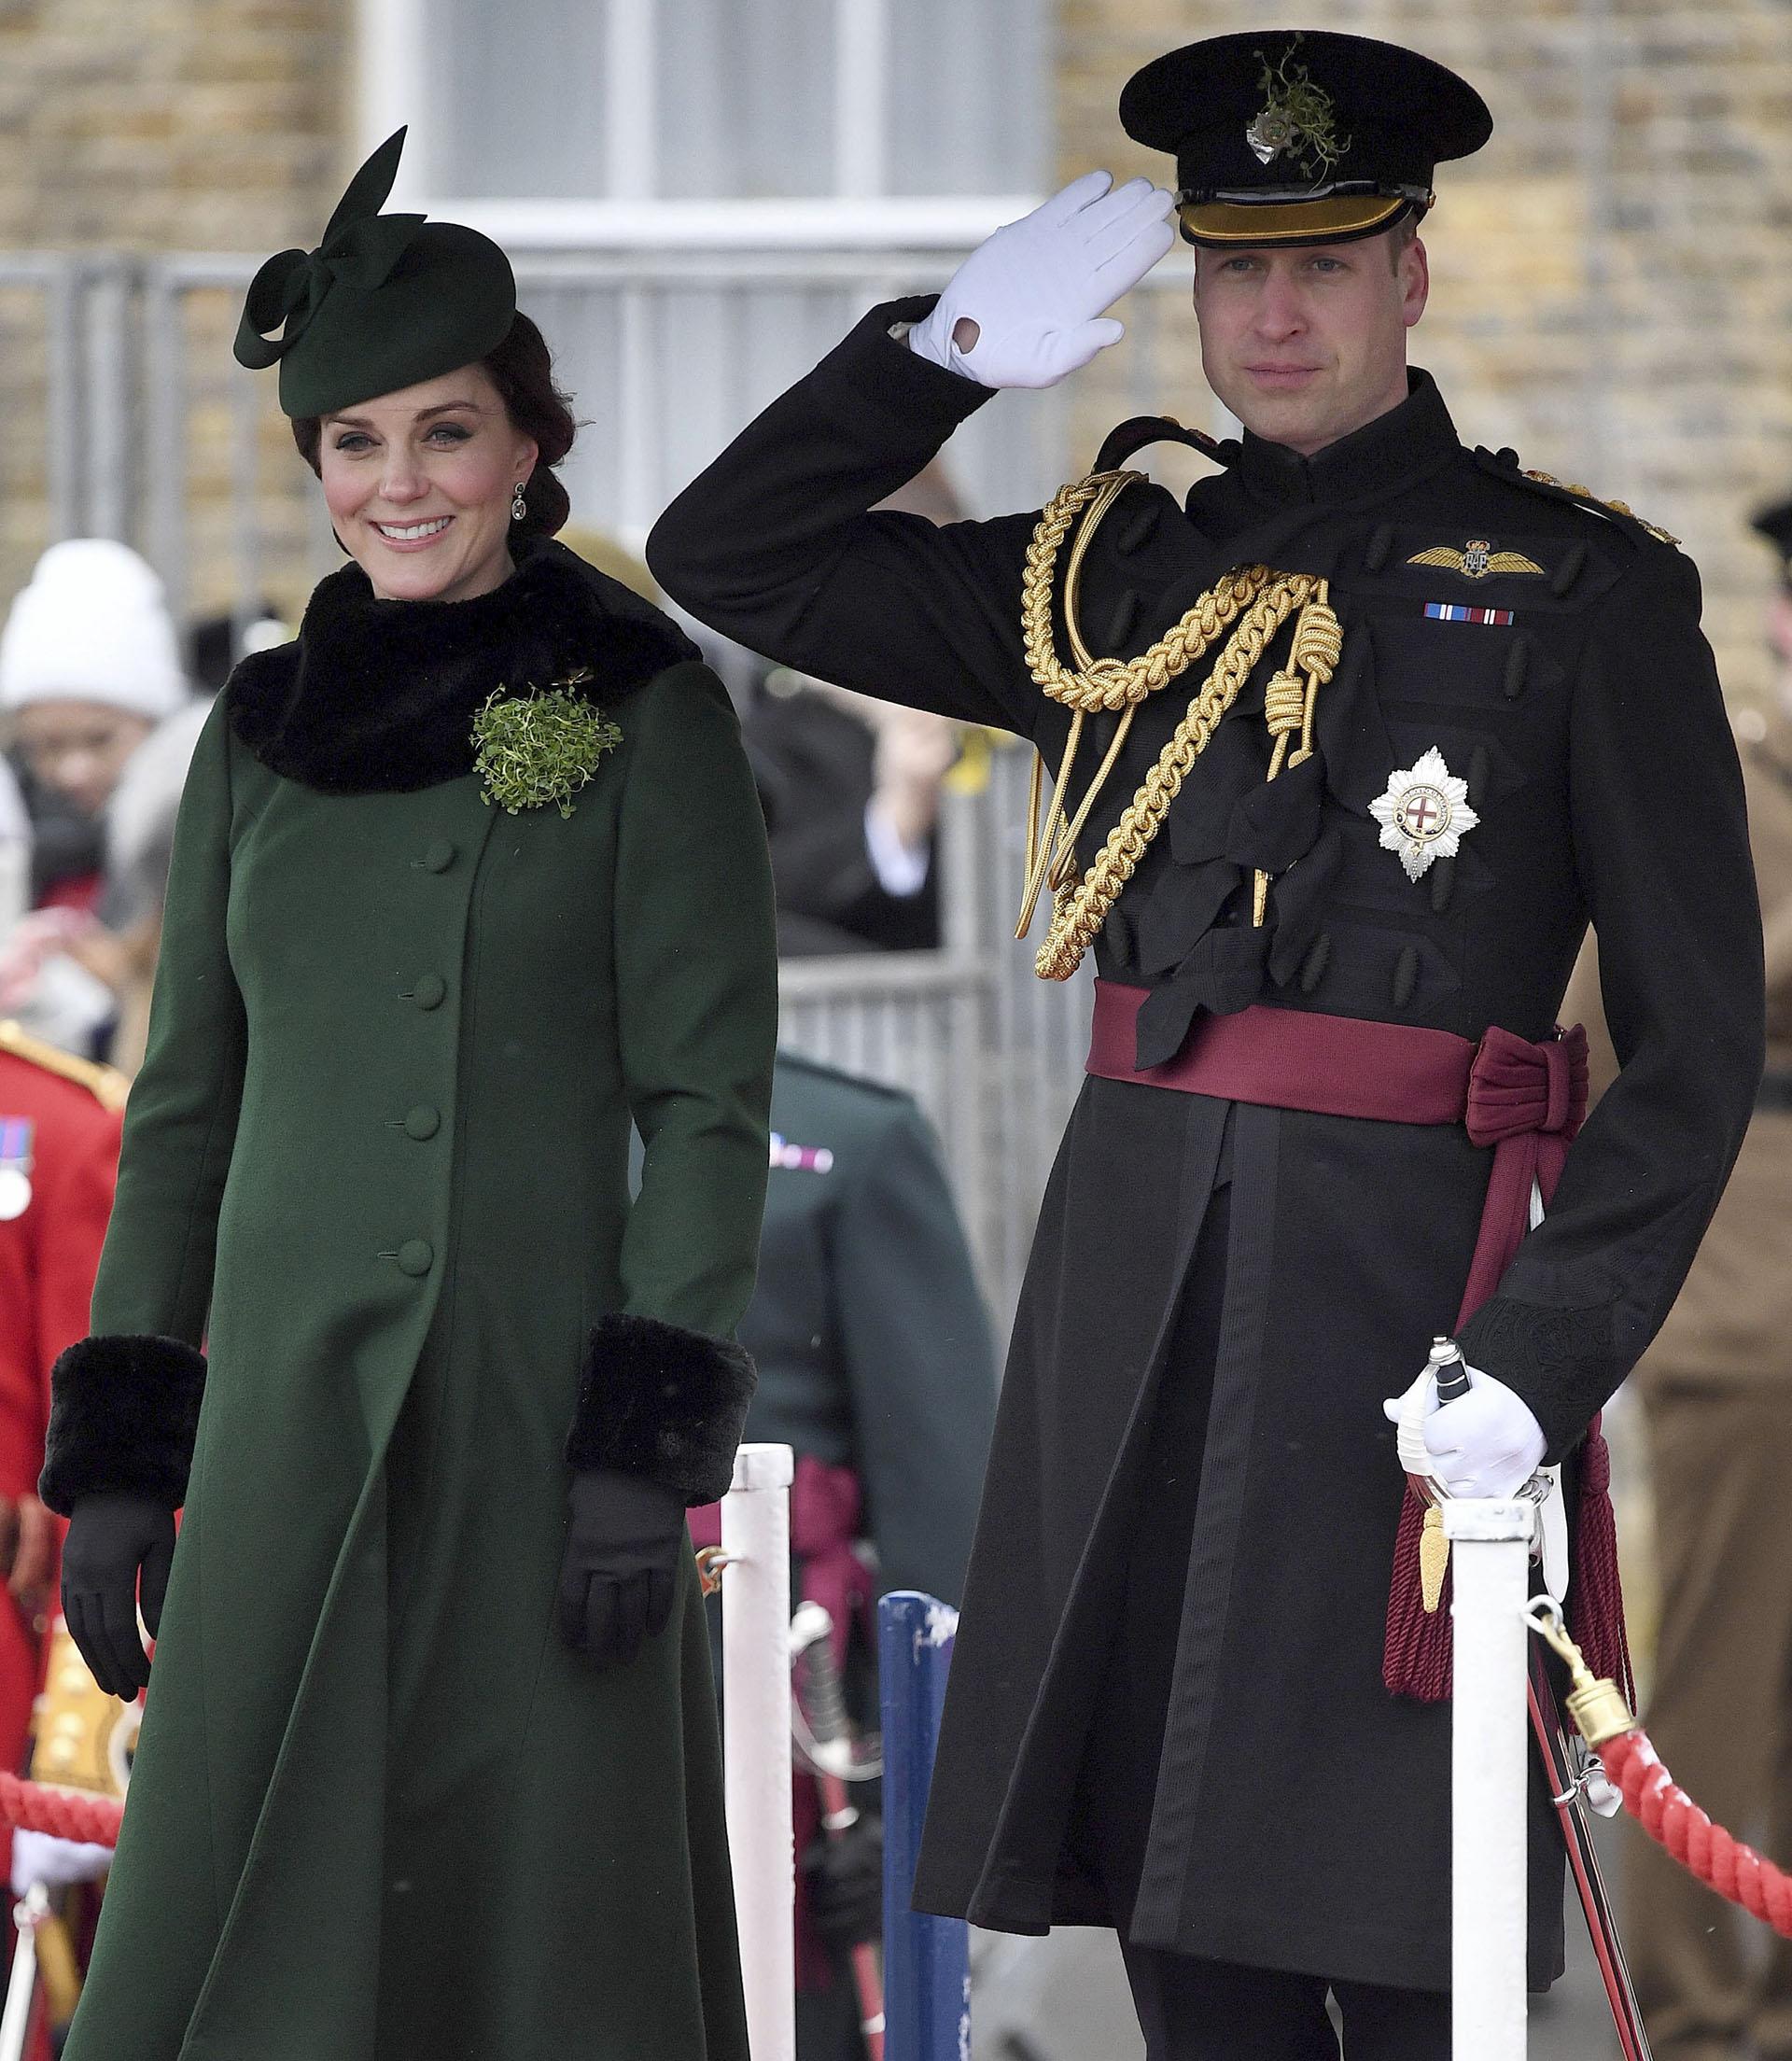 La duquesa de Cambridge – Kate Middleton- asistió junto al príncipe William a las coloridas celebraciones por el día de San Patricio que tuvieron lugar en Hounslow (AFP)